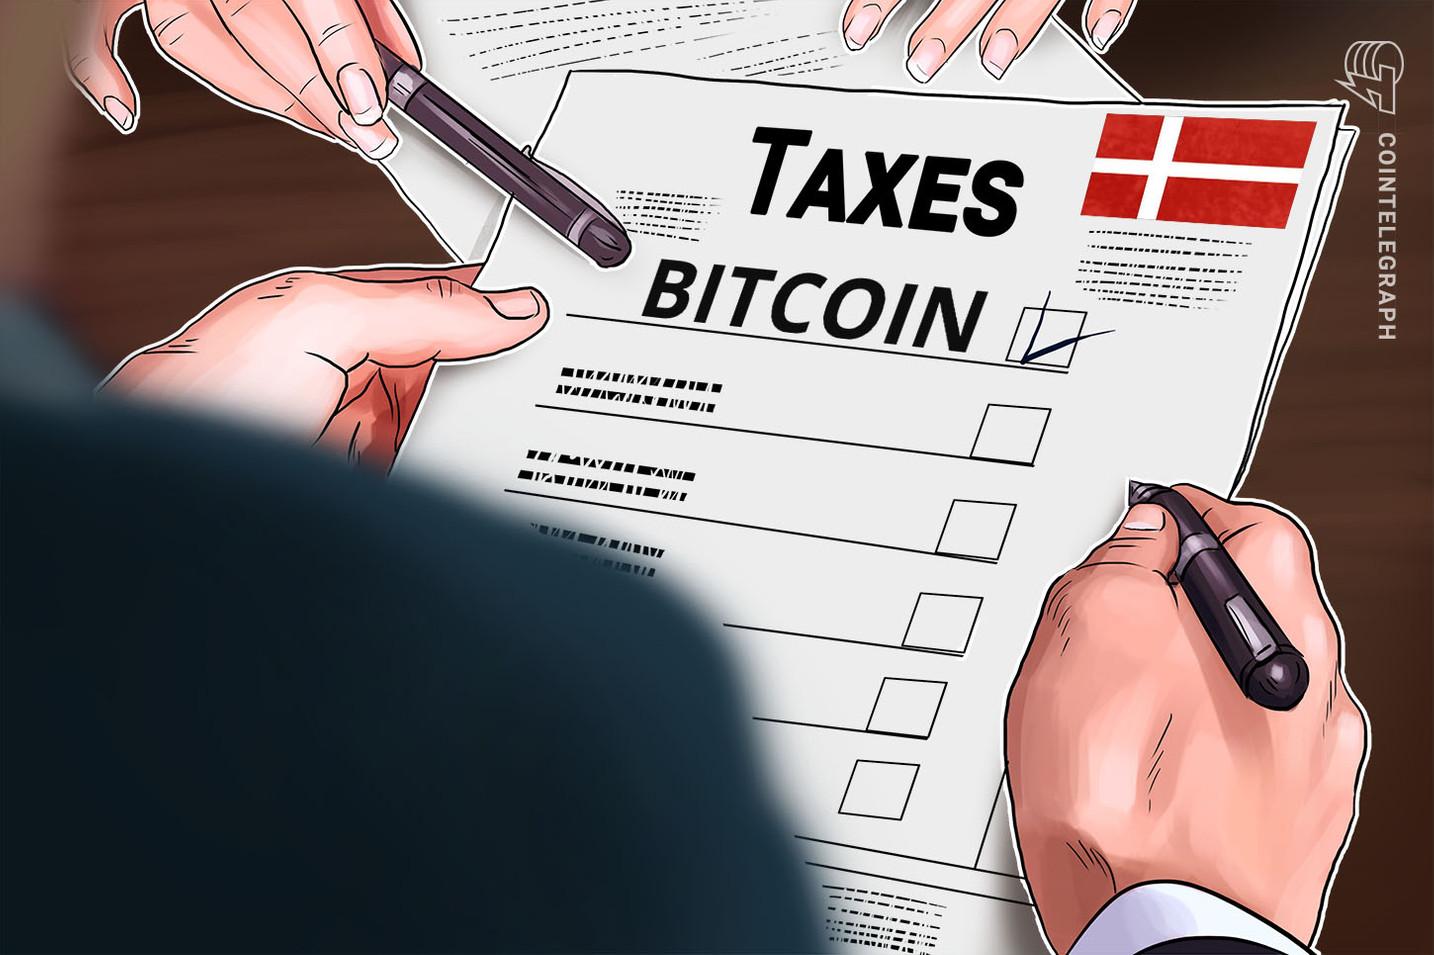 Dinamarca apunta a 2700 comerciantes de Bitcoin para pago de impuestos luego de aviso de Finlandia